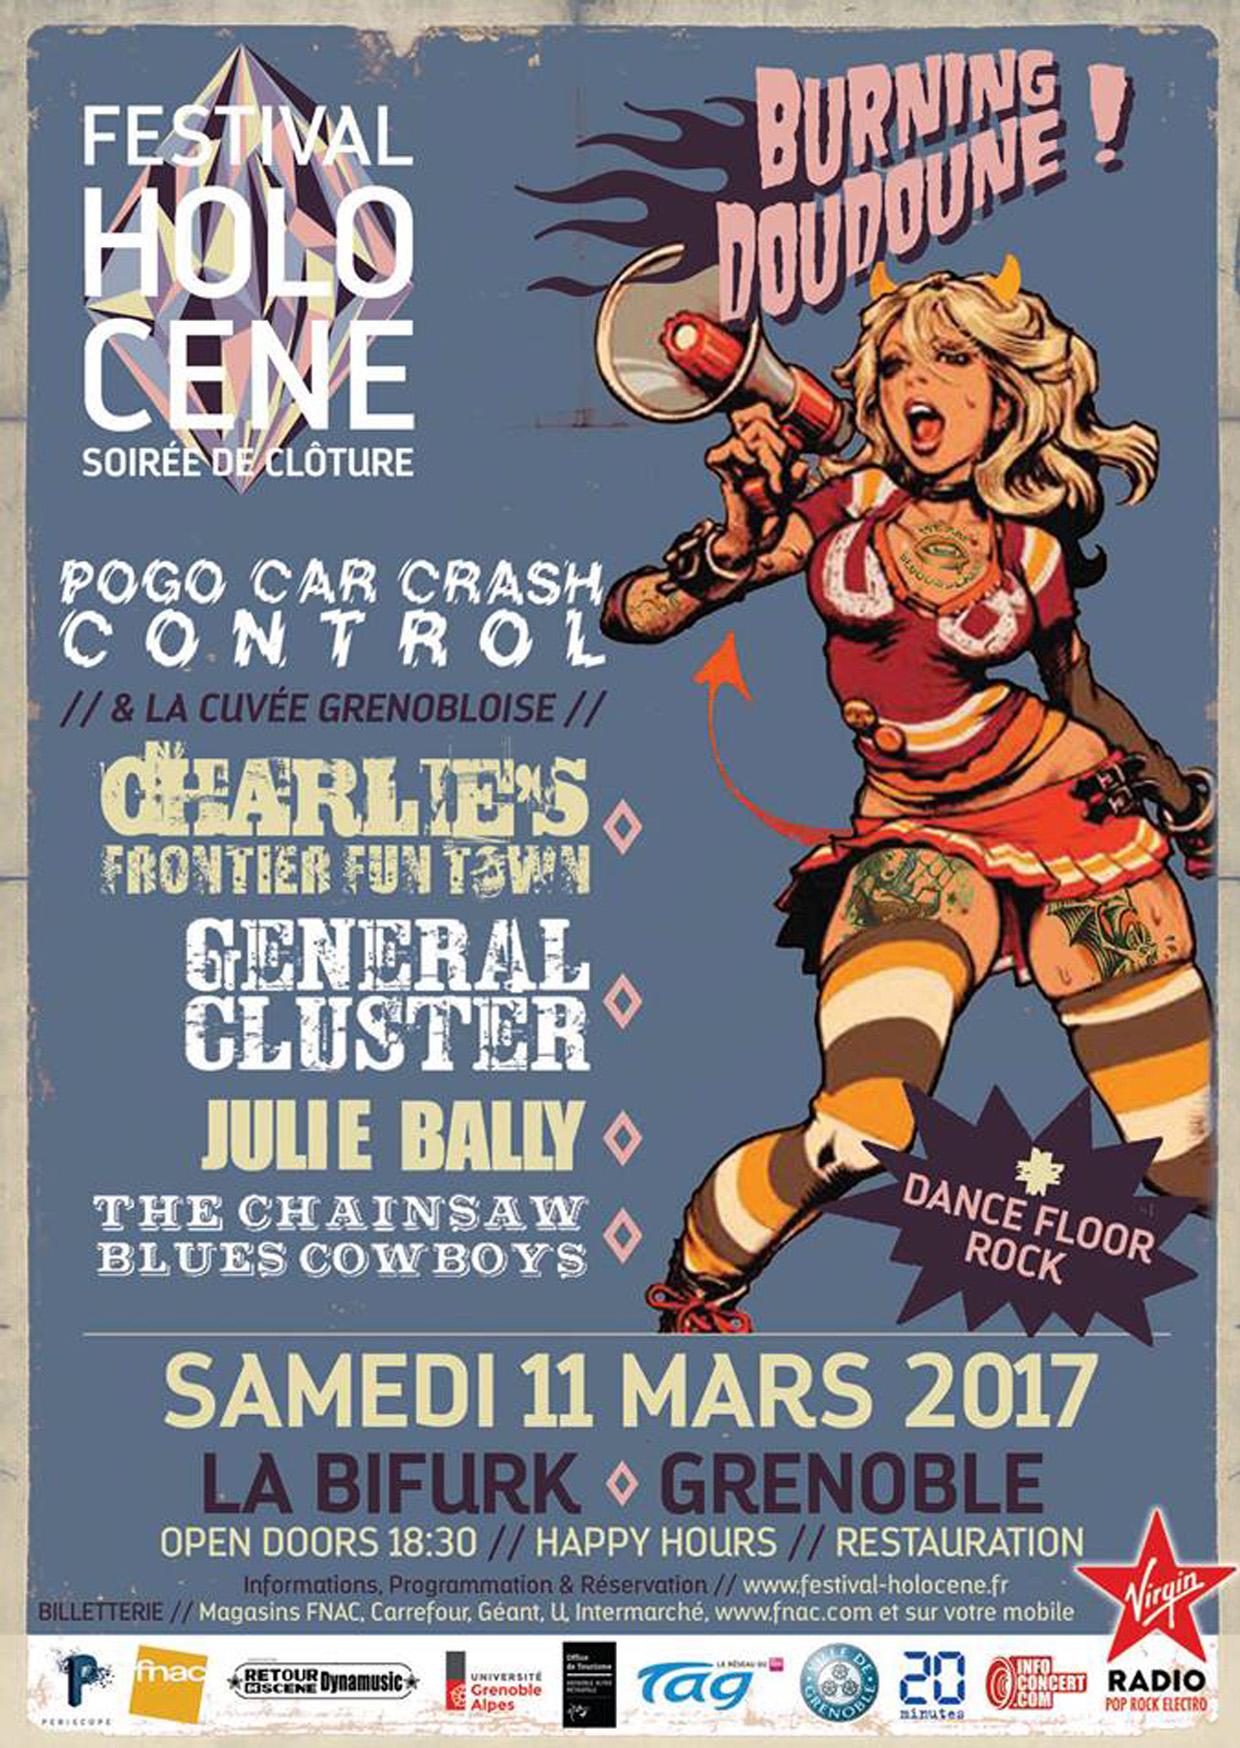 2017.03.11 - Soirée Burning Doudoune / Clôture Holocène